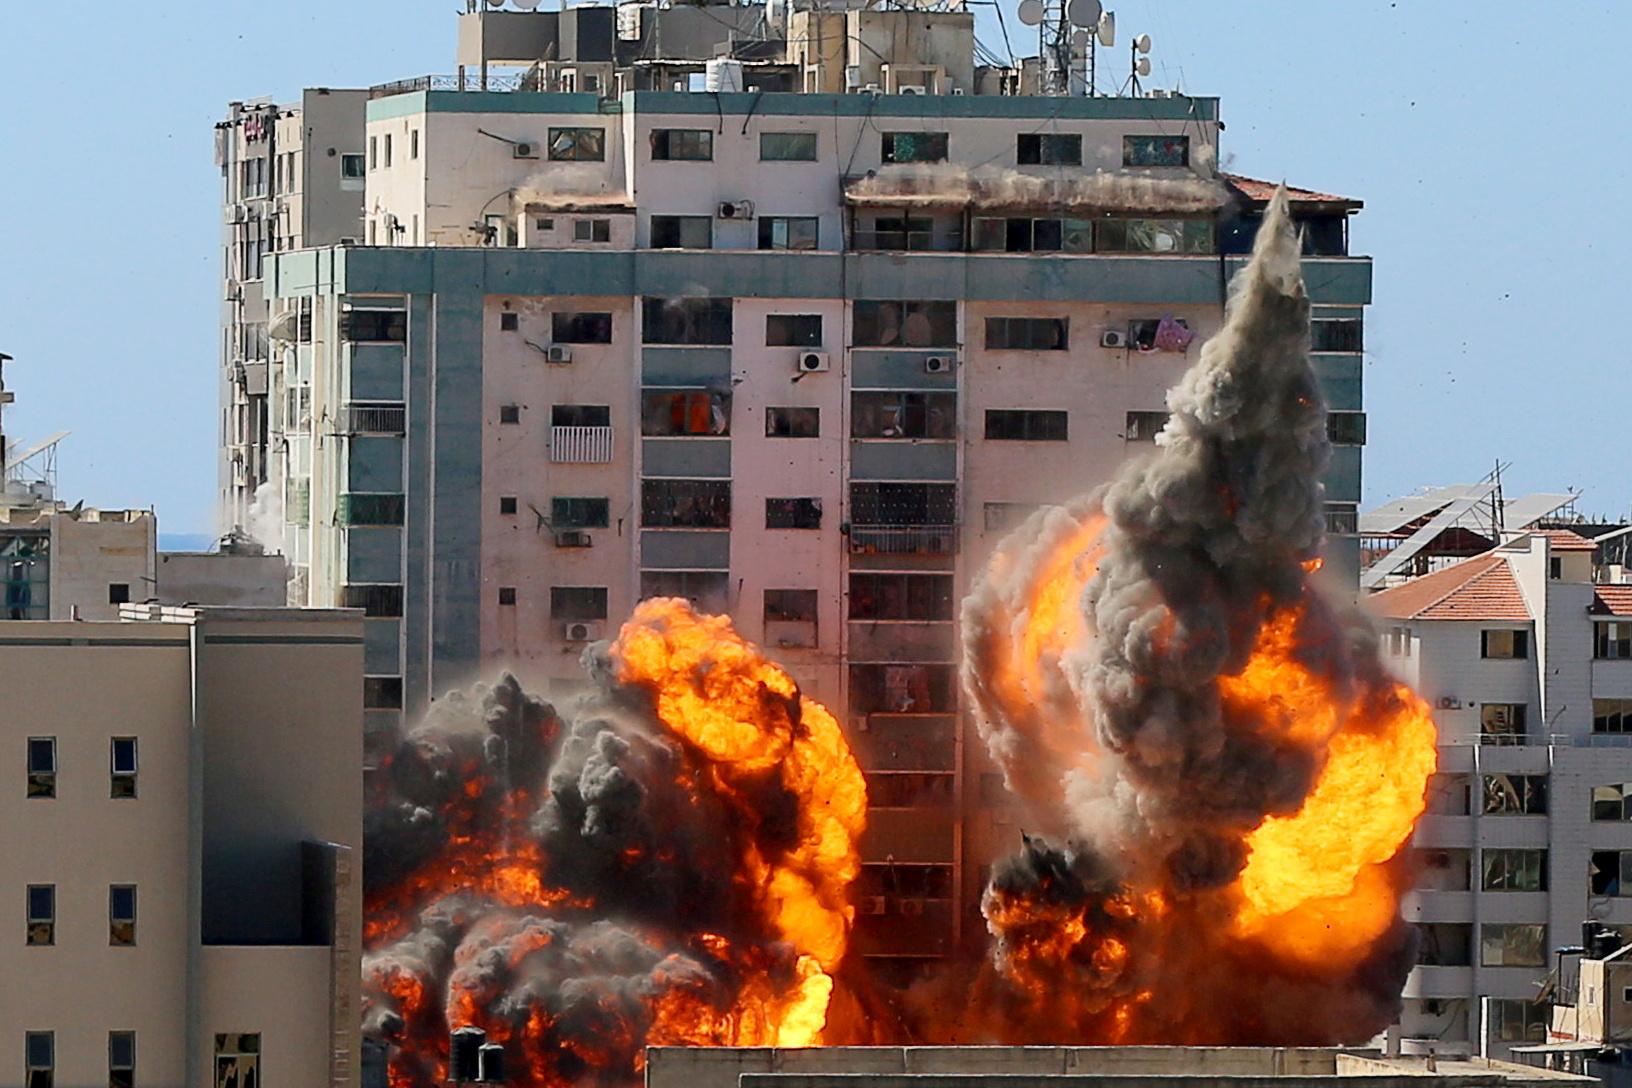 Ισραήλ και Παλαιστίνη αλληλοκατηγορούνται για «γενοκτονία» στον ΟΗΕ